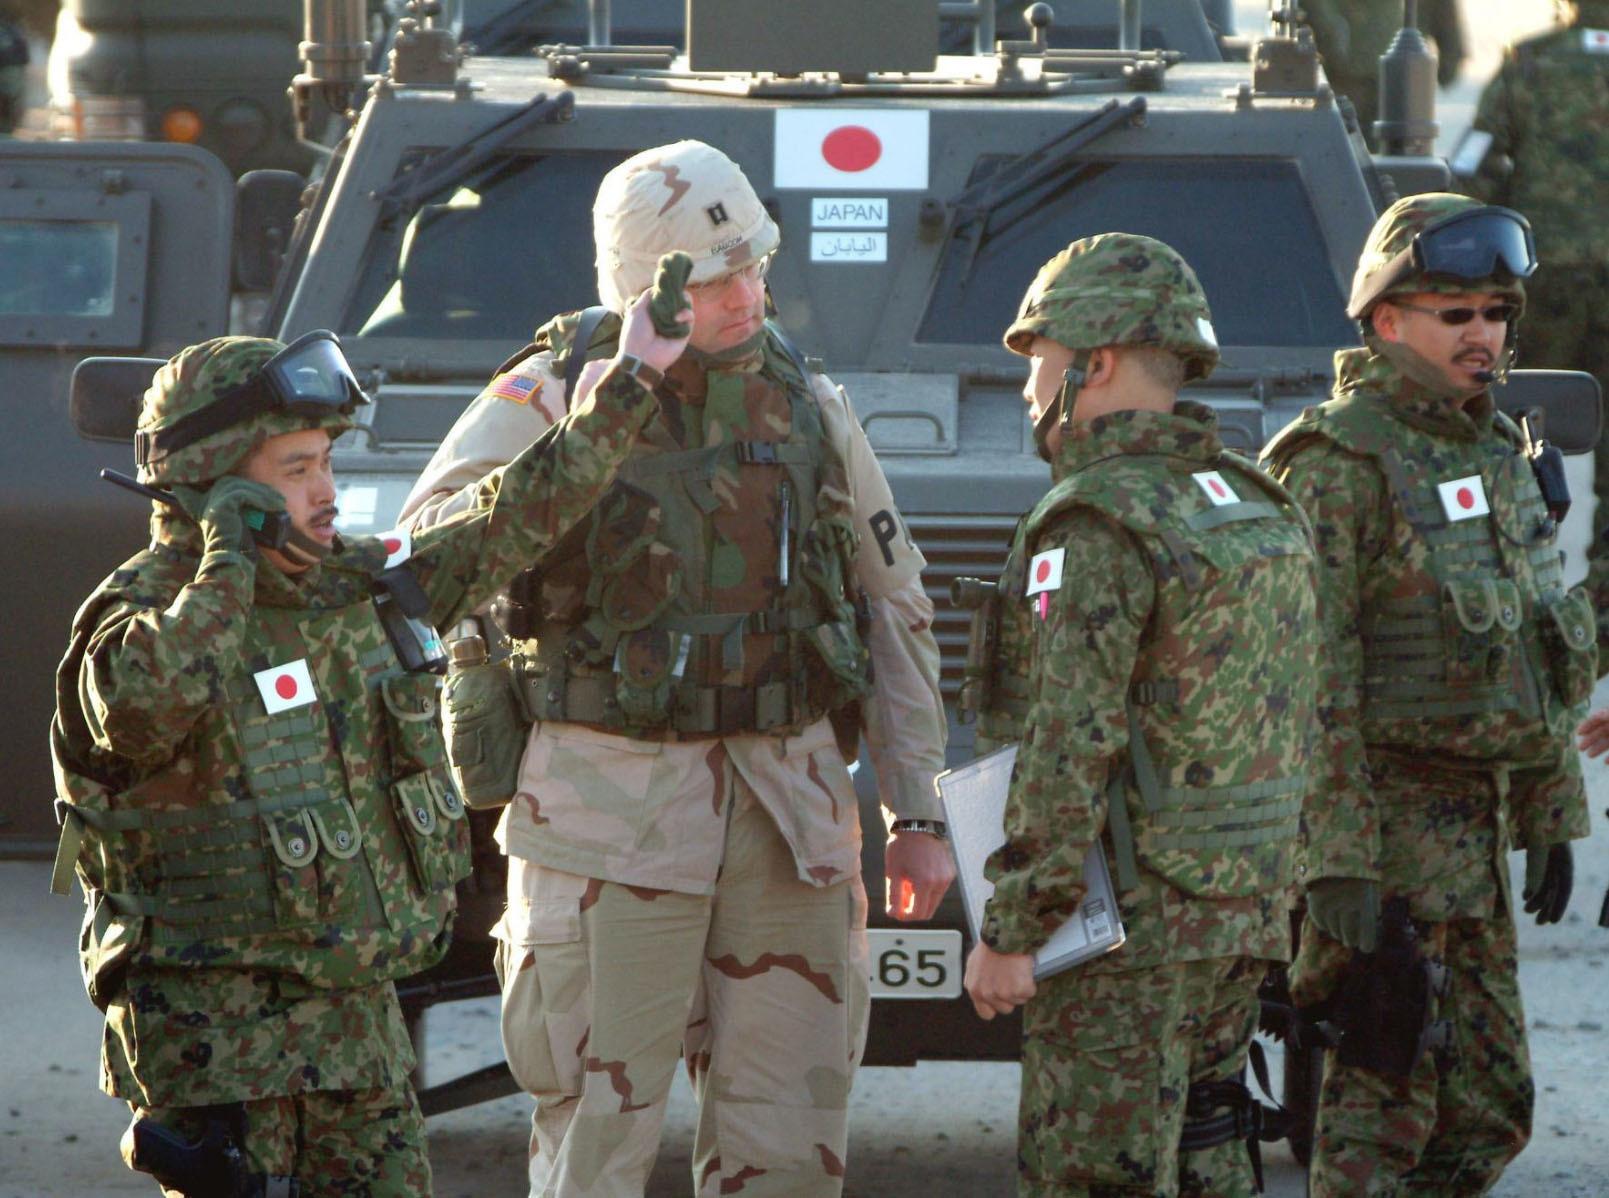 2004年2月、イラクとの国境付近の米軍キャンプで、米兵と打ち合わせする陸上自衛隊員=クウェート(共同)